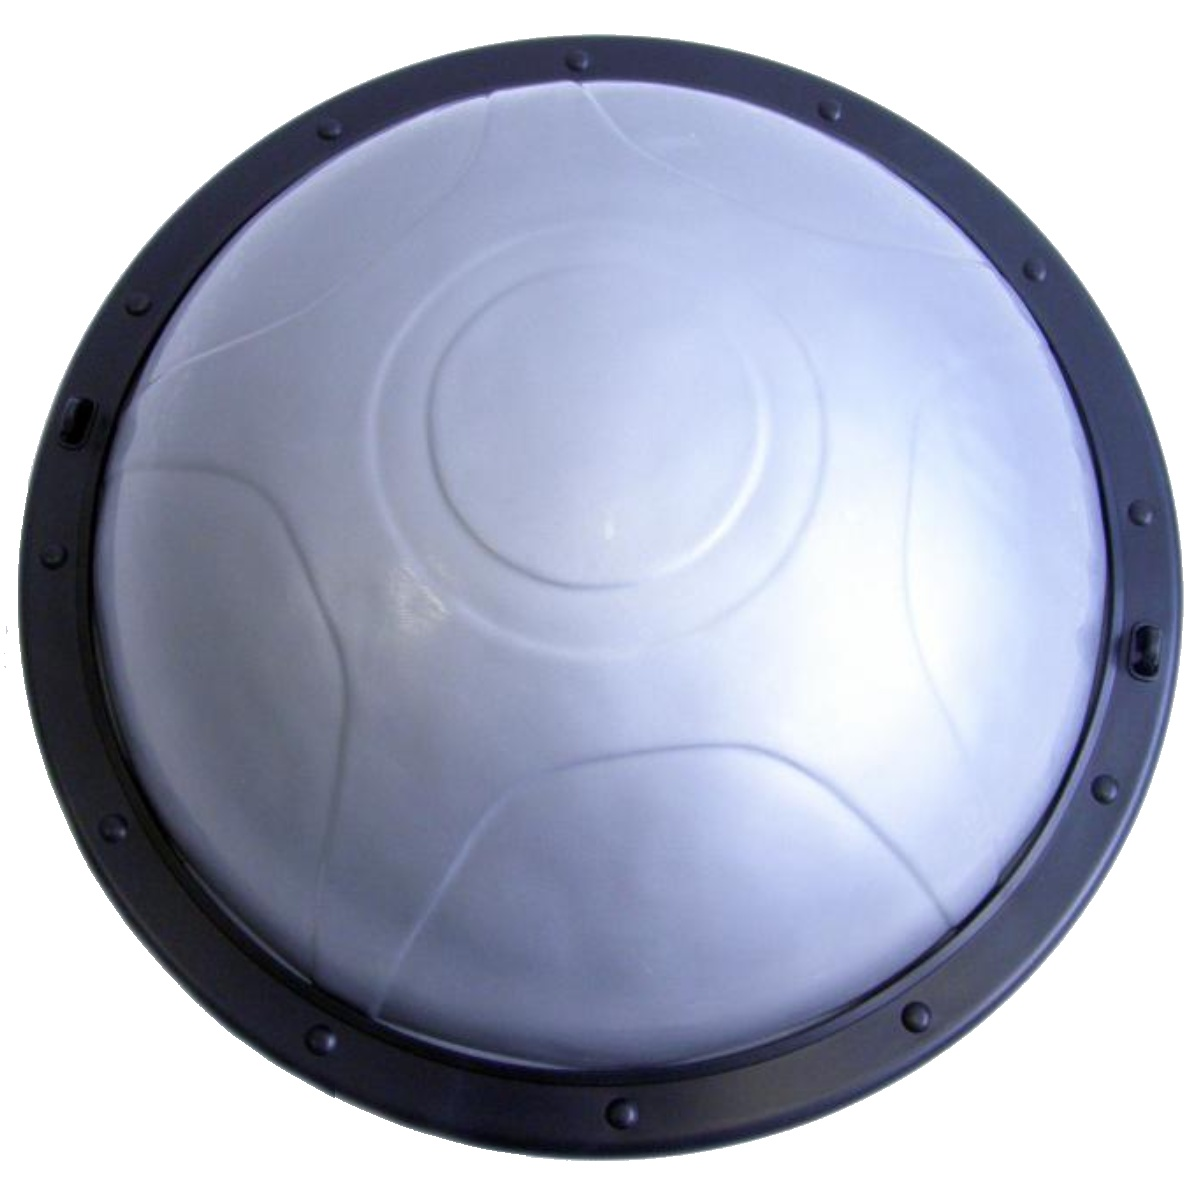 Balanční podložka Dome Step 450